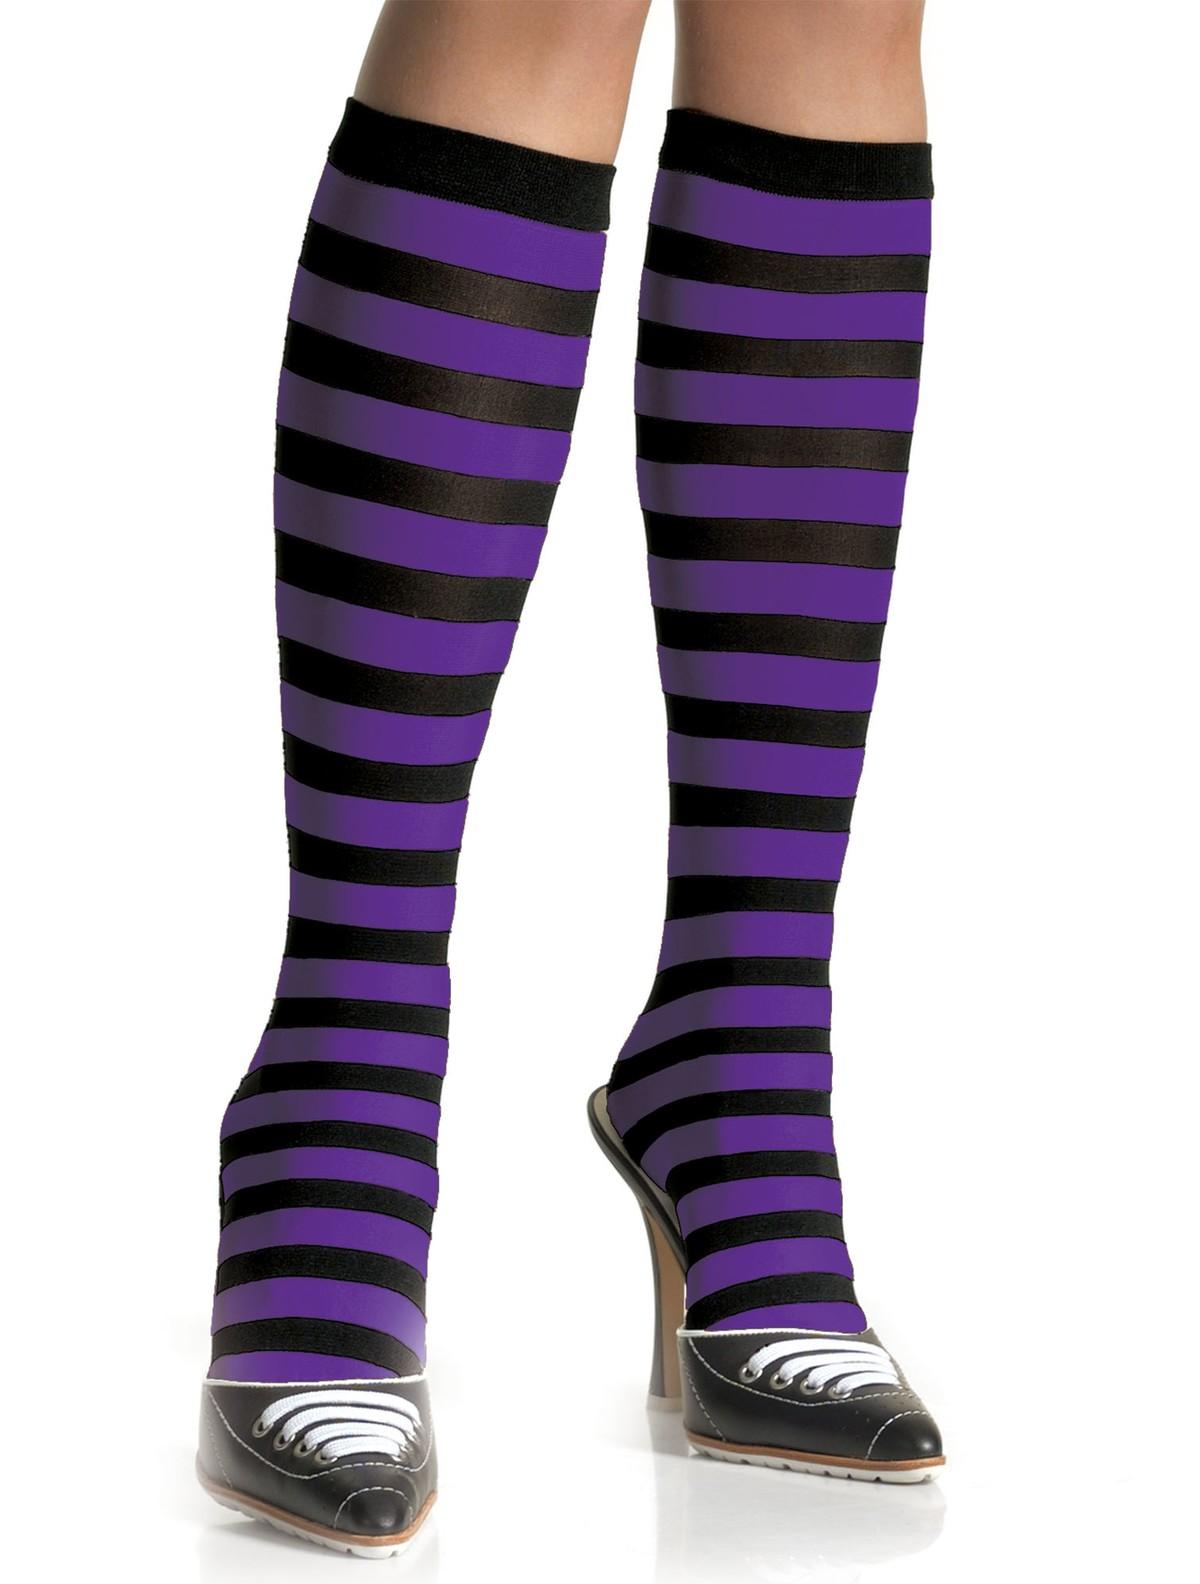 4393aa370c Leg Avenue geringelte Kniestrümpfe - schwarz-pink, schwarz-violett ...